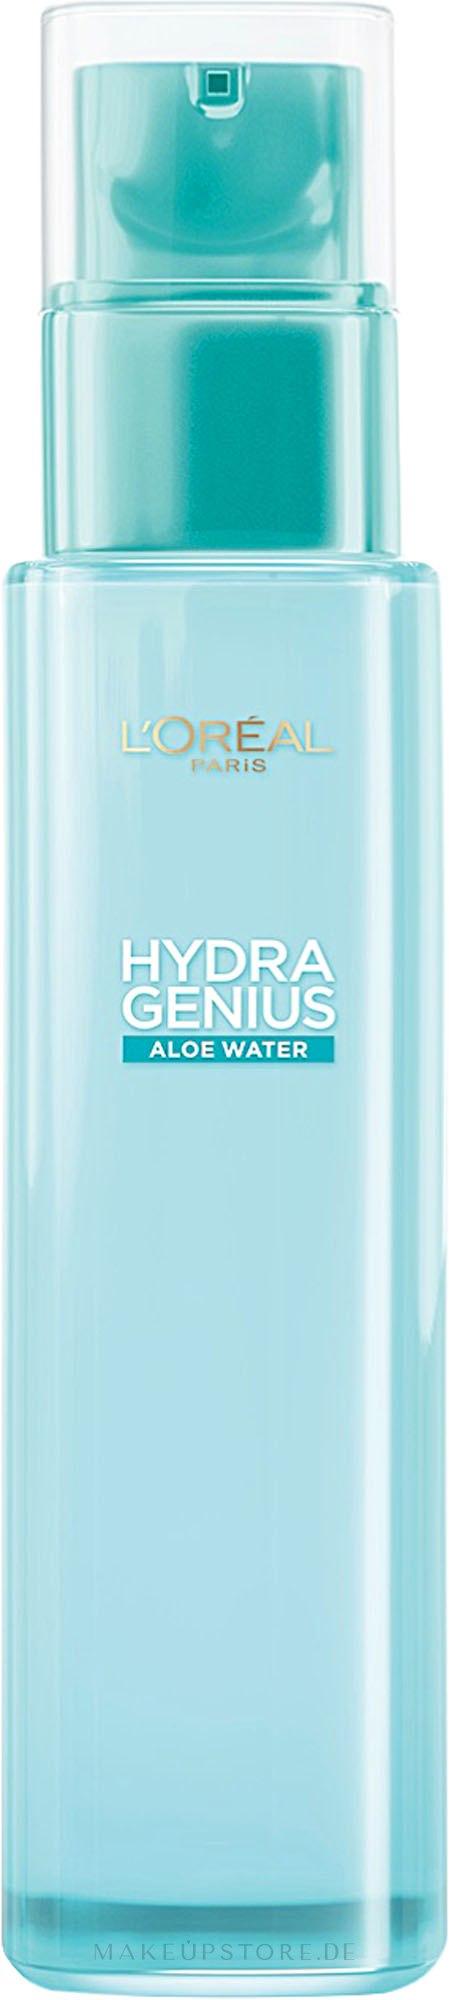 Feuchtigkeitsspendendes Aloe-Wasser für normale bis trockene Haut - L'Oreal Paris Hydra Genius Aloe Water — Bild 70 ml